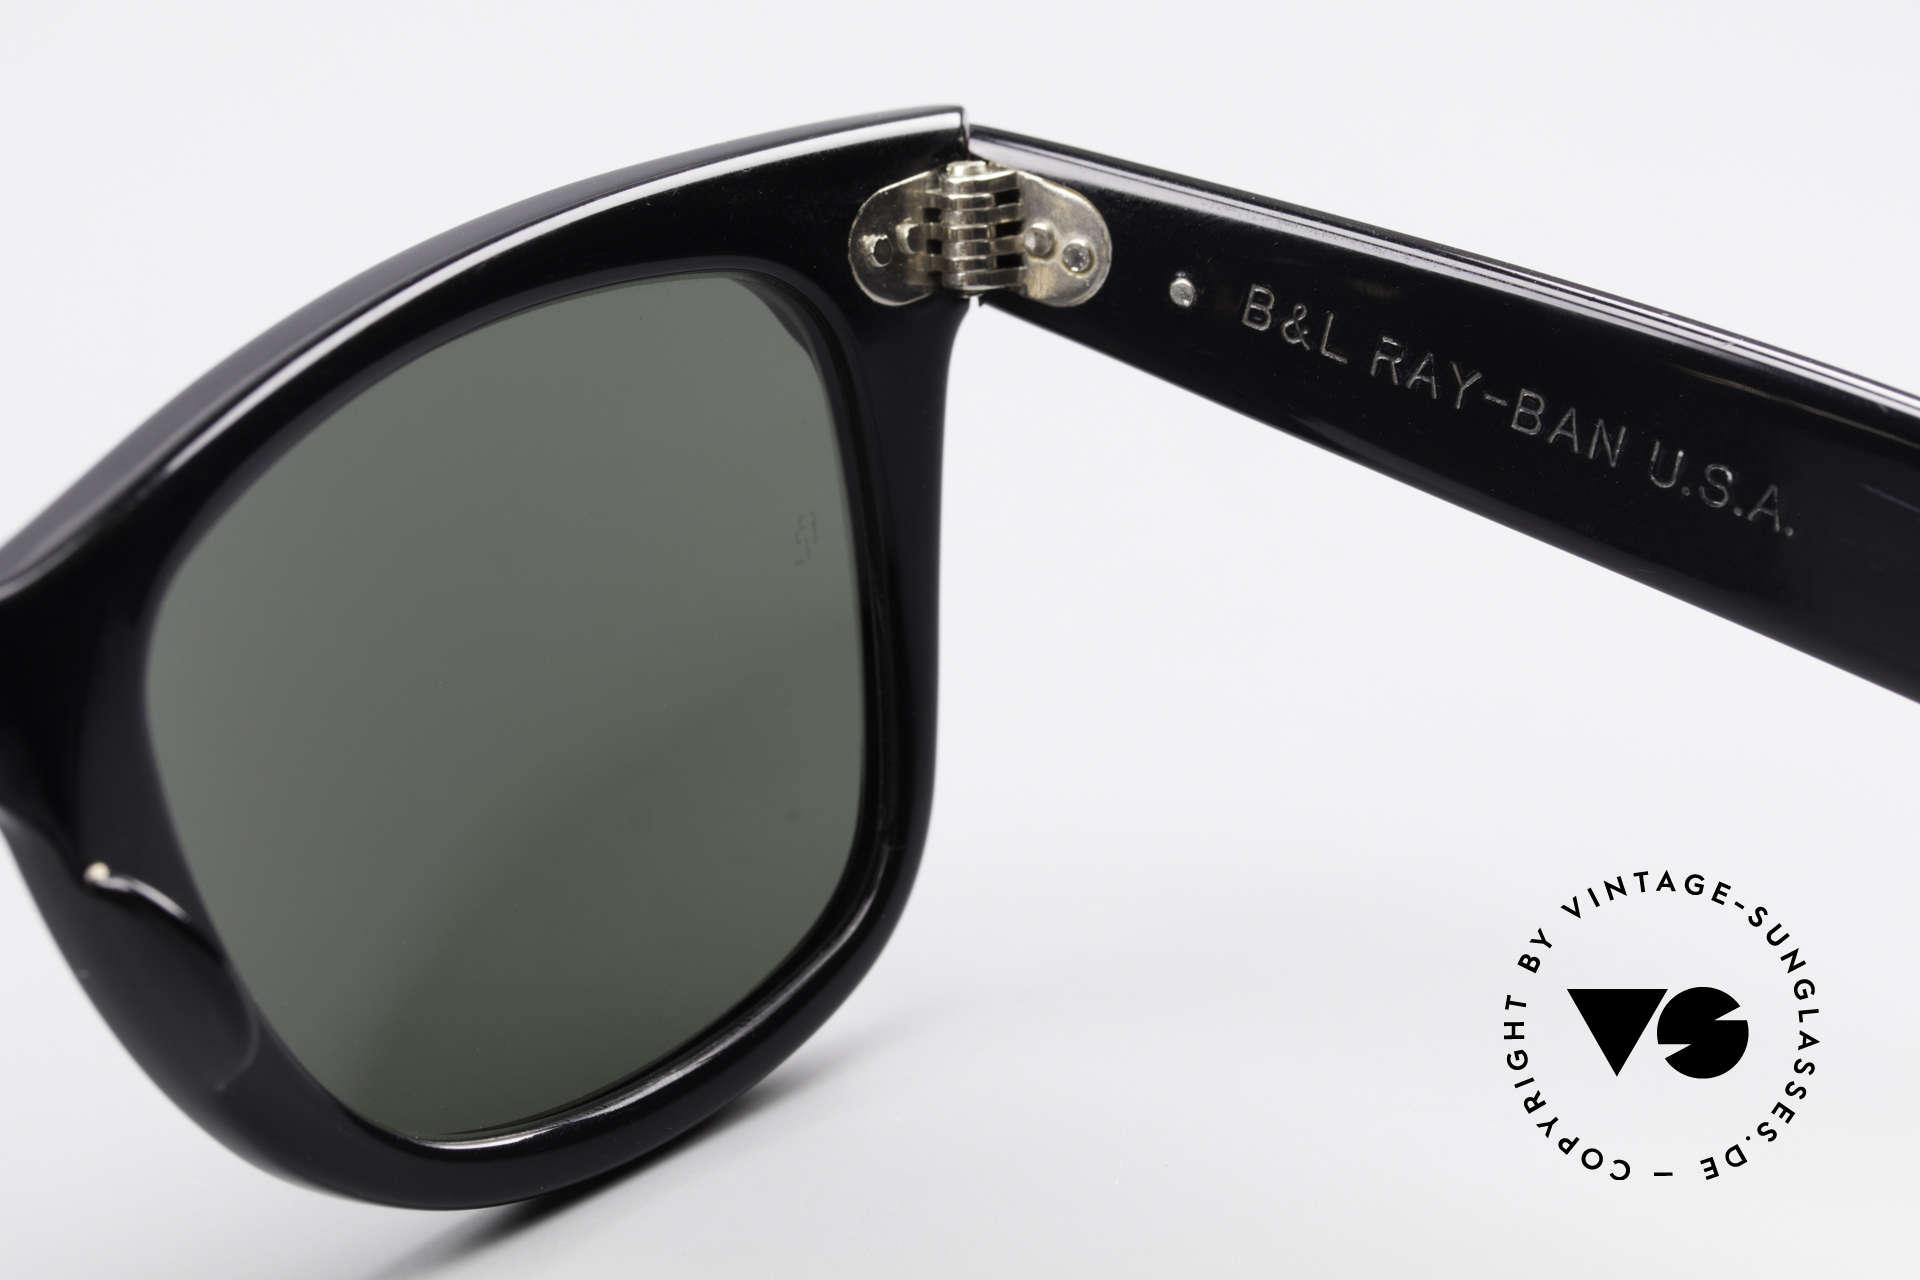 Ray Ban Wayfarer I 80er Sonnenbrille B&L USA, Name: W0523 Wayfarer Street Neat Amethyst/Black, Passend für Damen